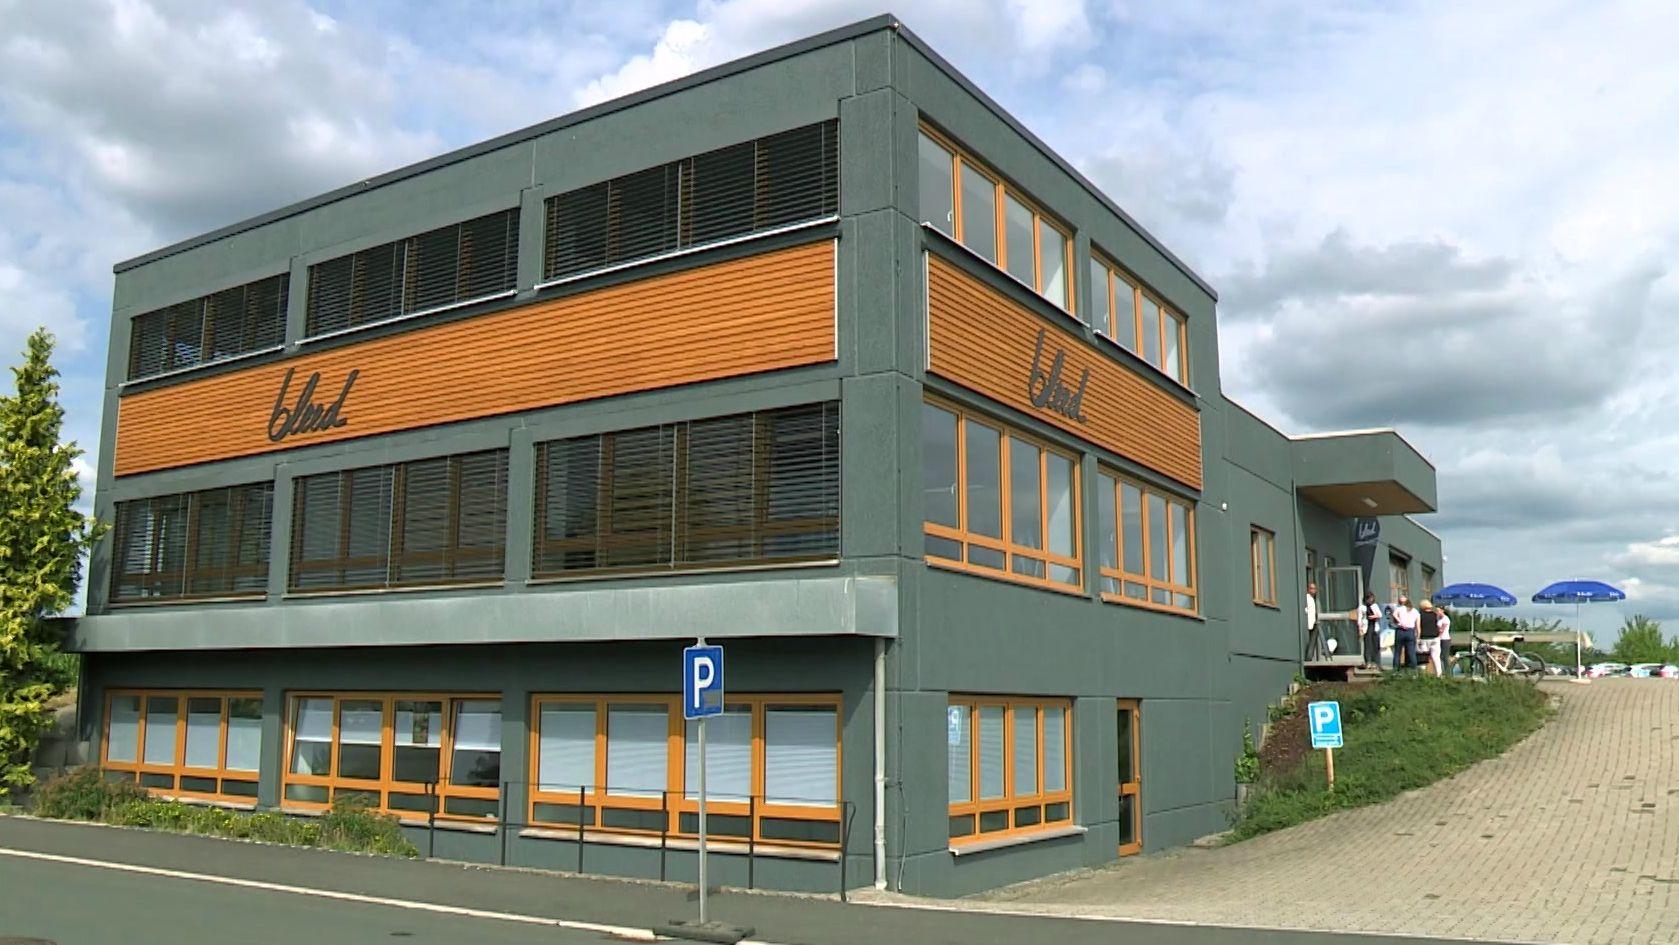 Der neue Firmensitz des Ökomoden-Herstellers Bleed in Helmbrechts